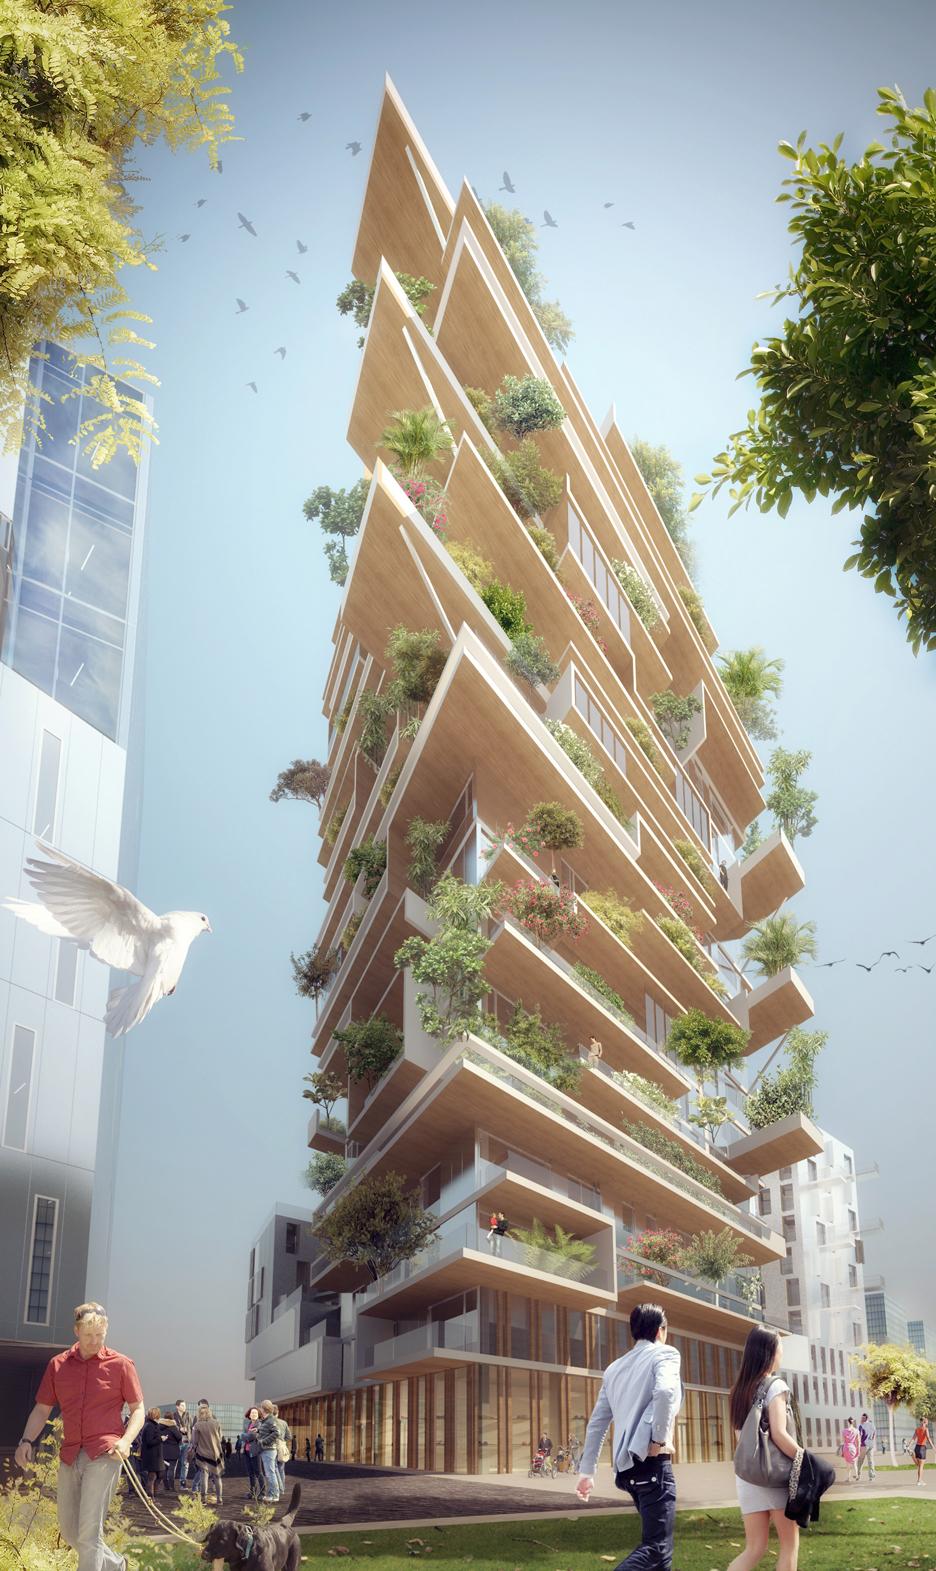 Jean Paul Viguier đề xuất xây dựng tòa nhà với thiet ke kien trucbằng gỗ hệ thống cây xanh được trộng ngoài logia của mỗi tầng